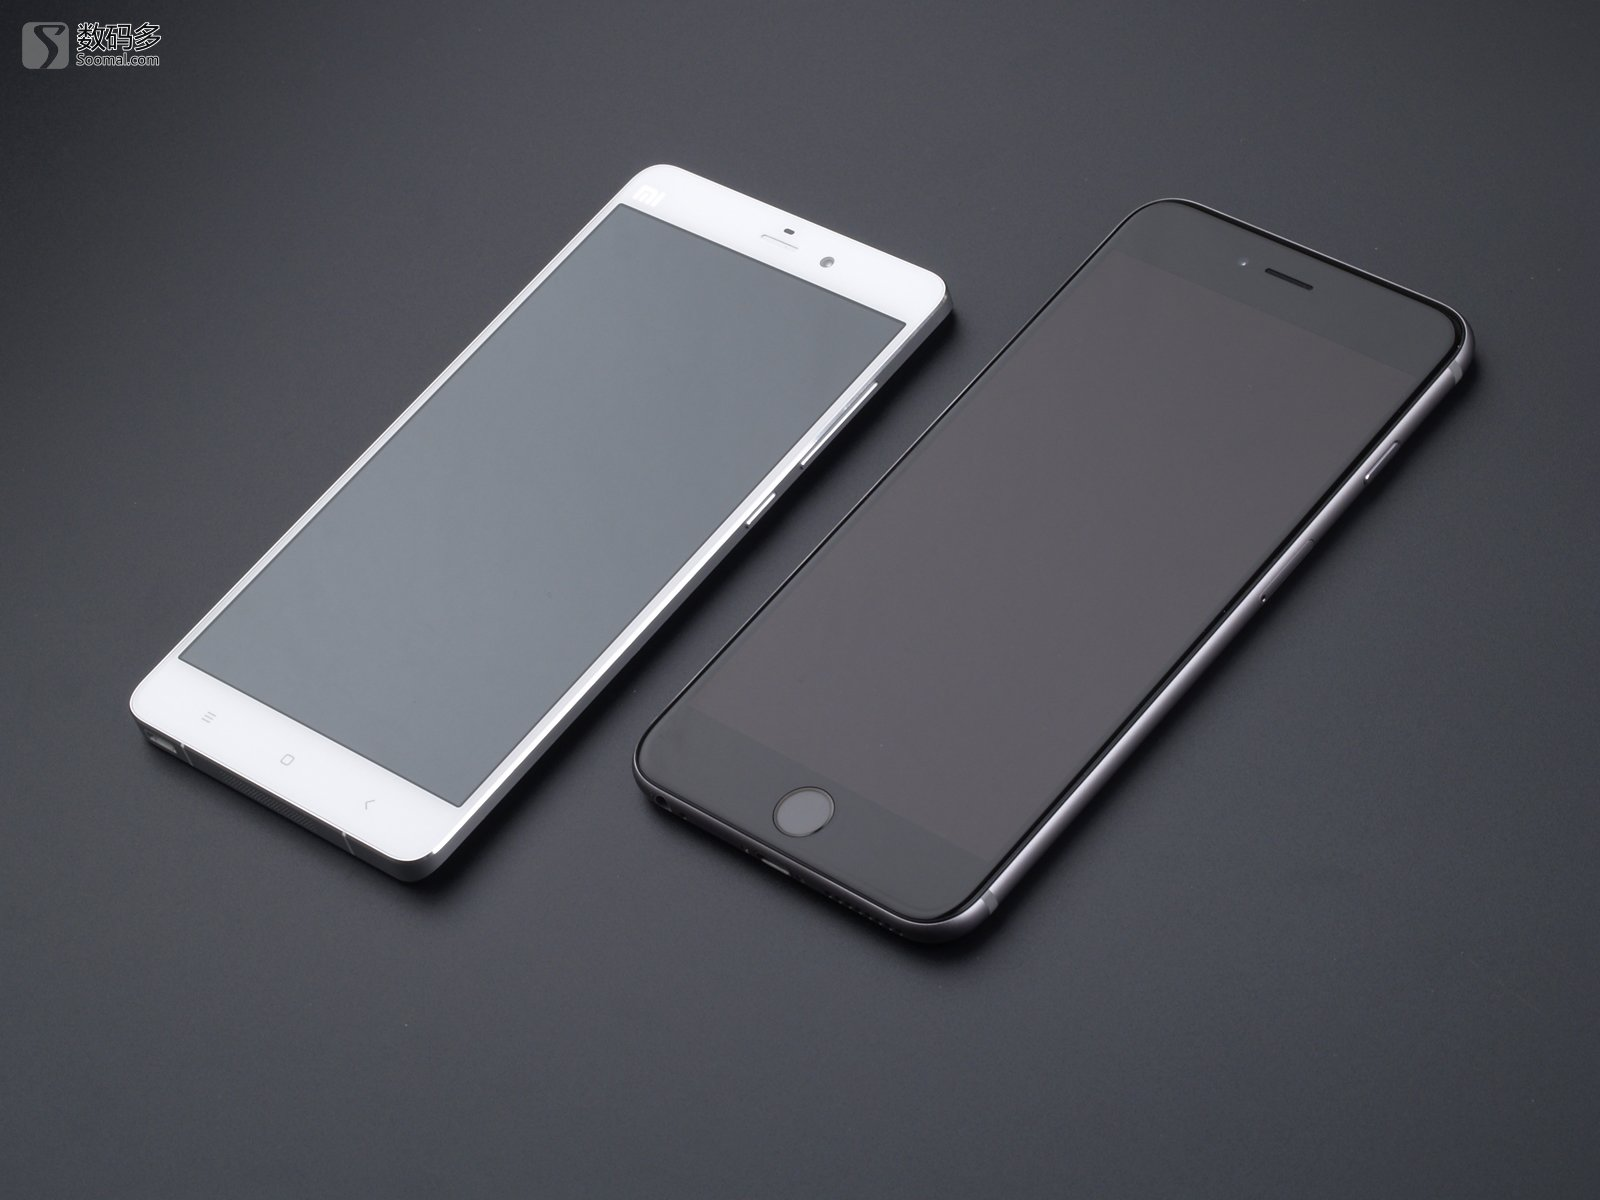 xiaomi小米手机note智小米和苹果iphoneplus共存微信5.3比较版iphone图片